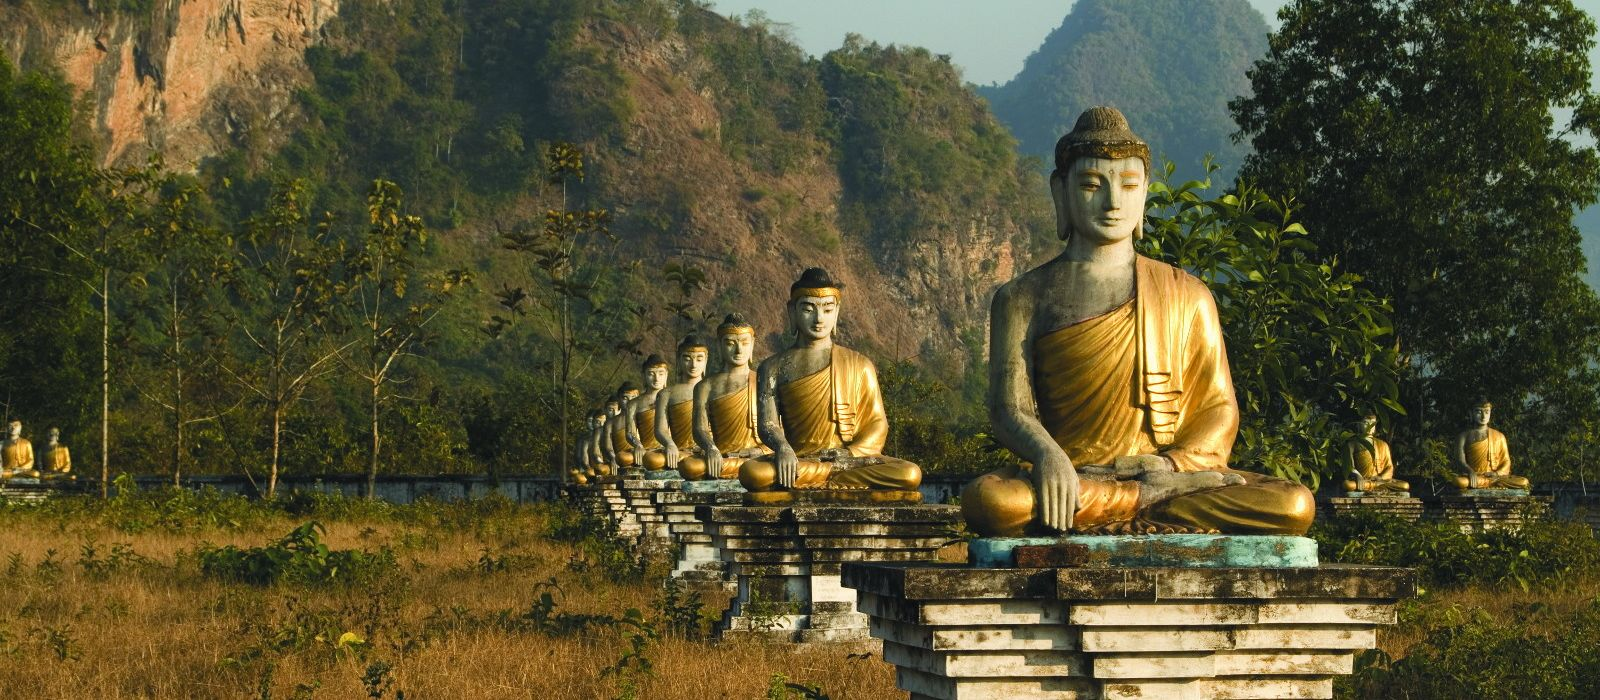 Reiseziel Hpa An Myanmar